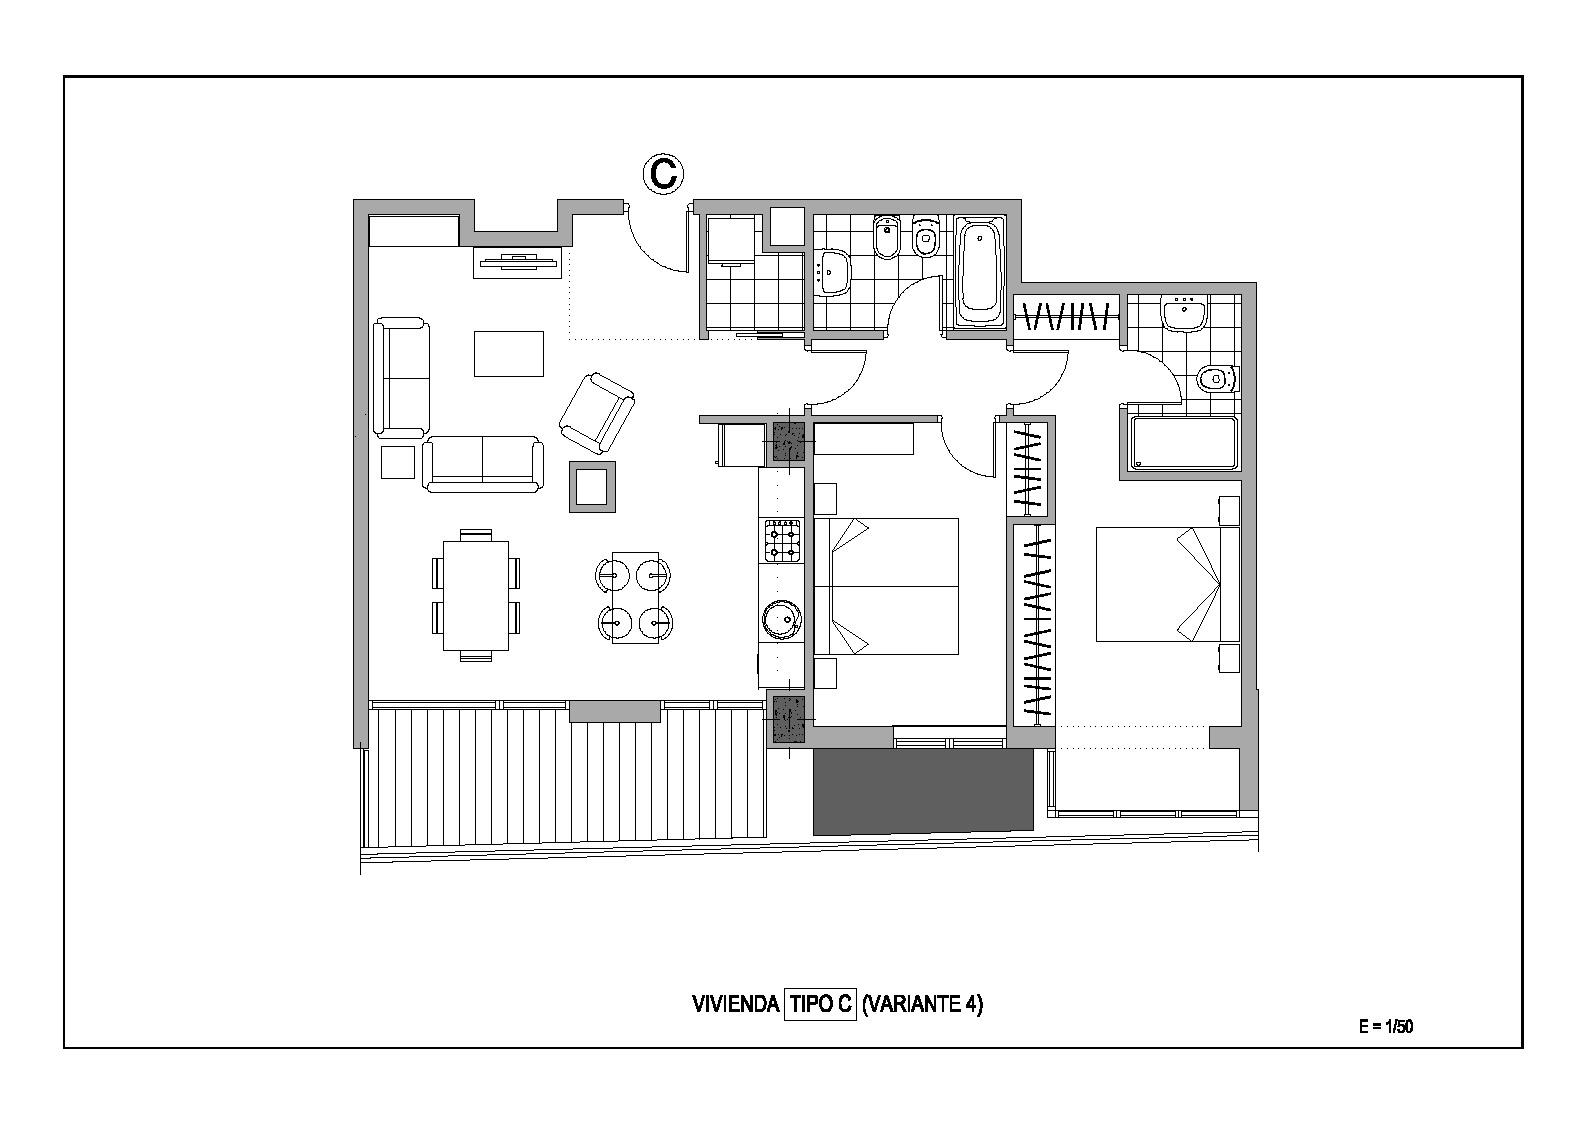 Estudio distribuci n sal n cocina 2 dormitorios adecursos - Distribucion salon comedor pequeno ...